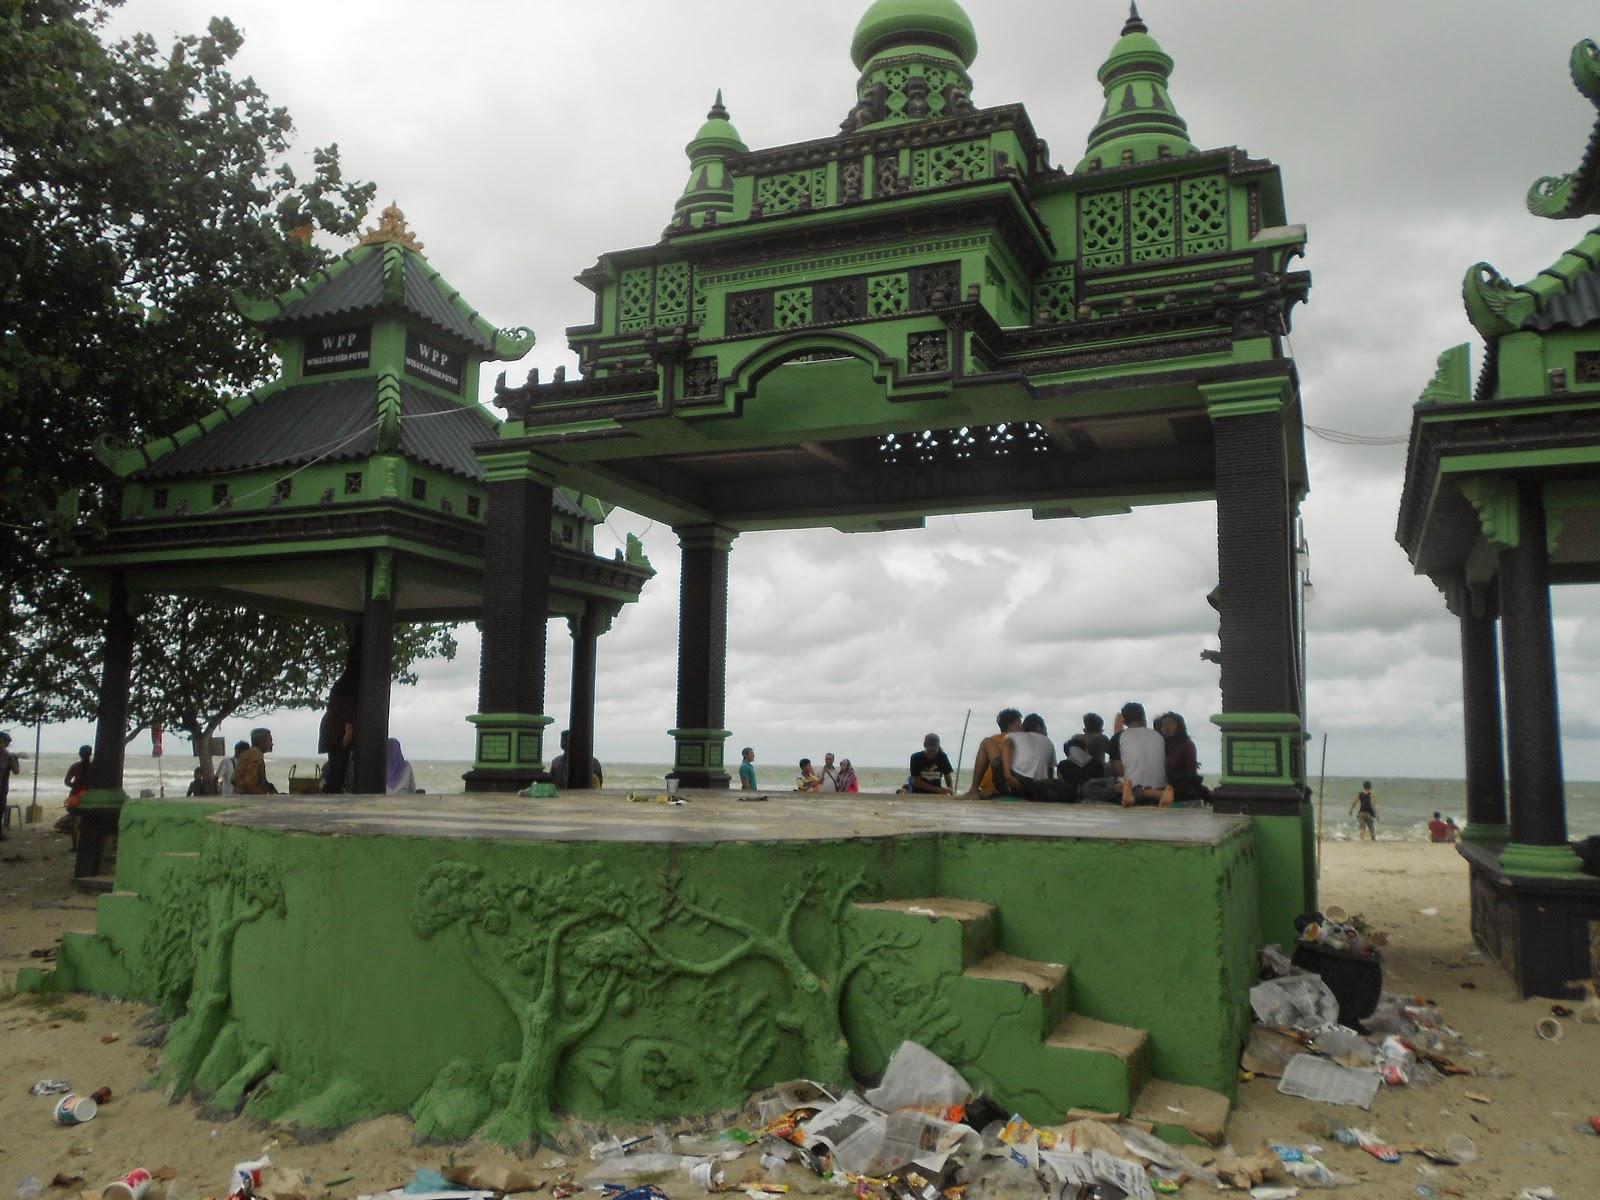 Wisata Pantai Delegan Gresik Jawa Timur Indonesia Tempat Menikmati Dalegan